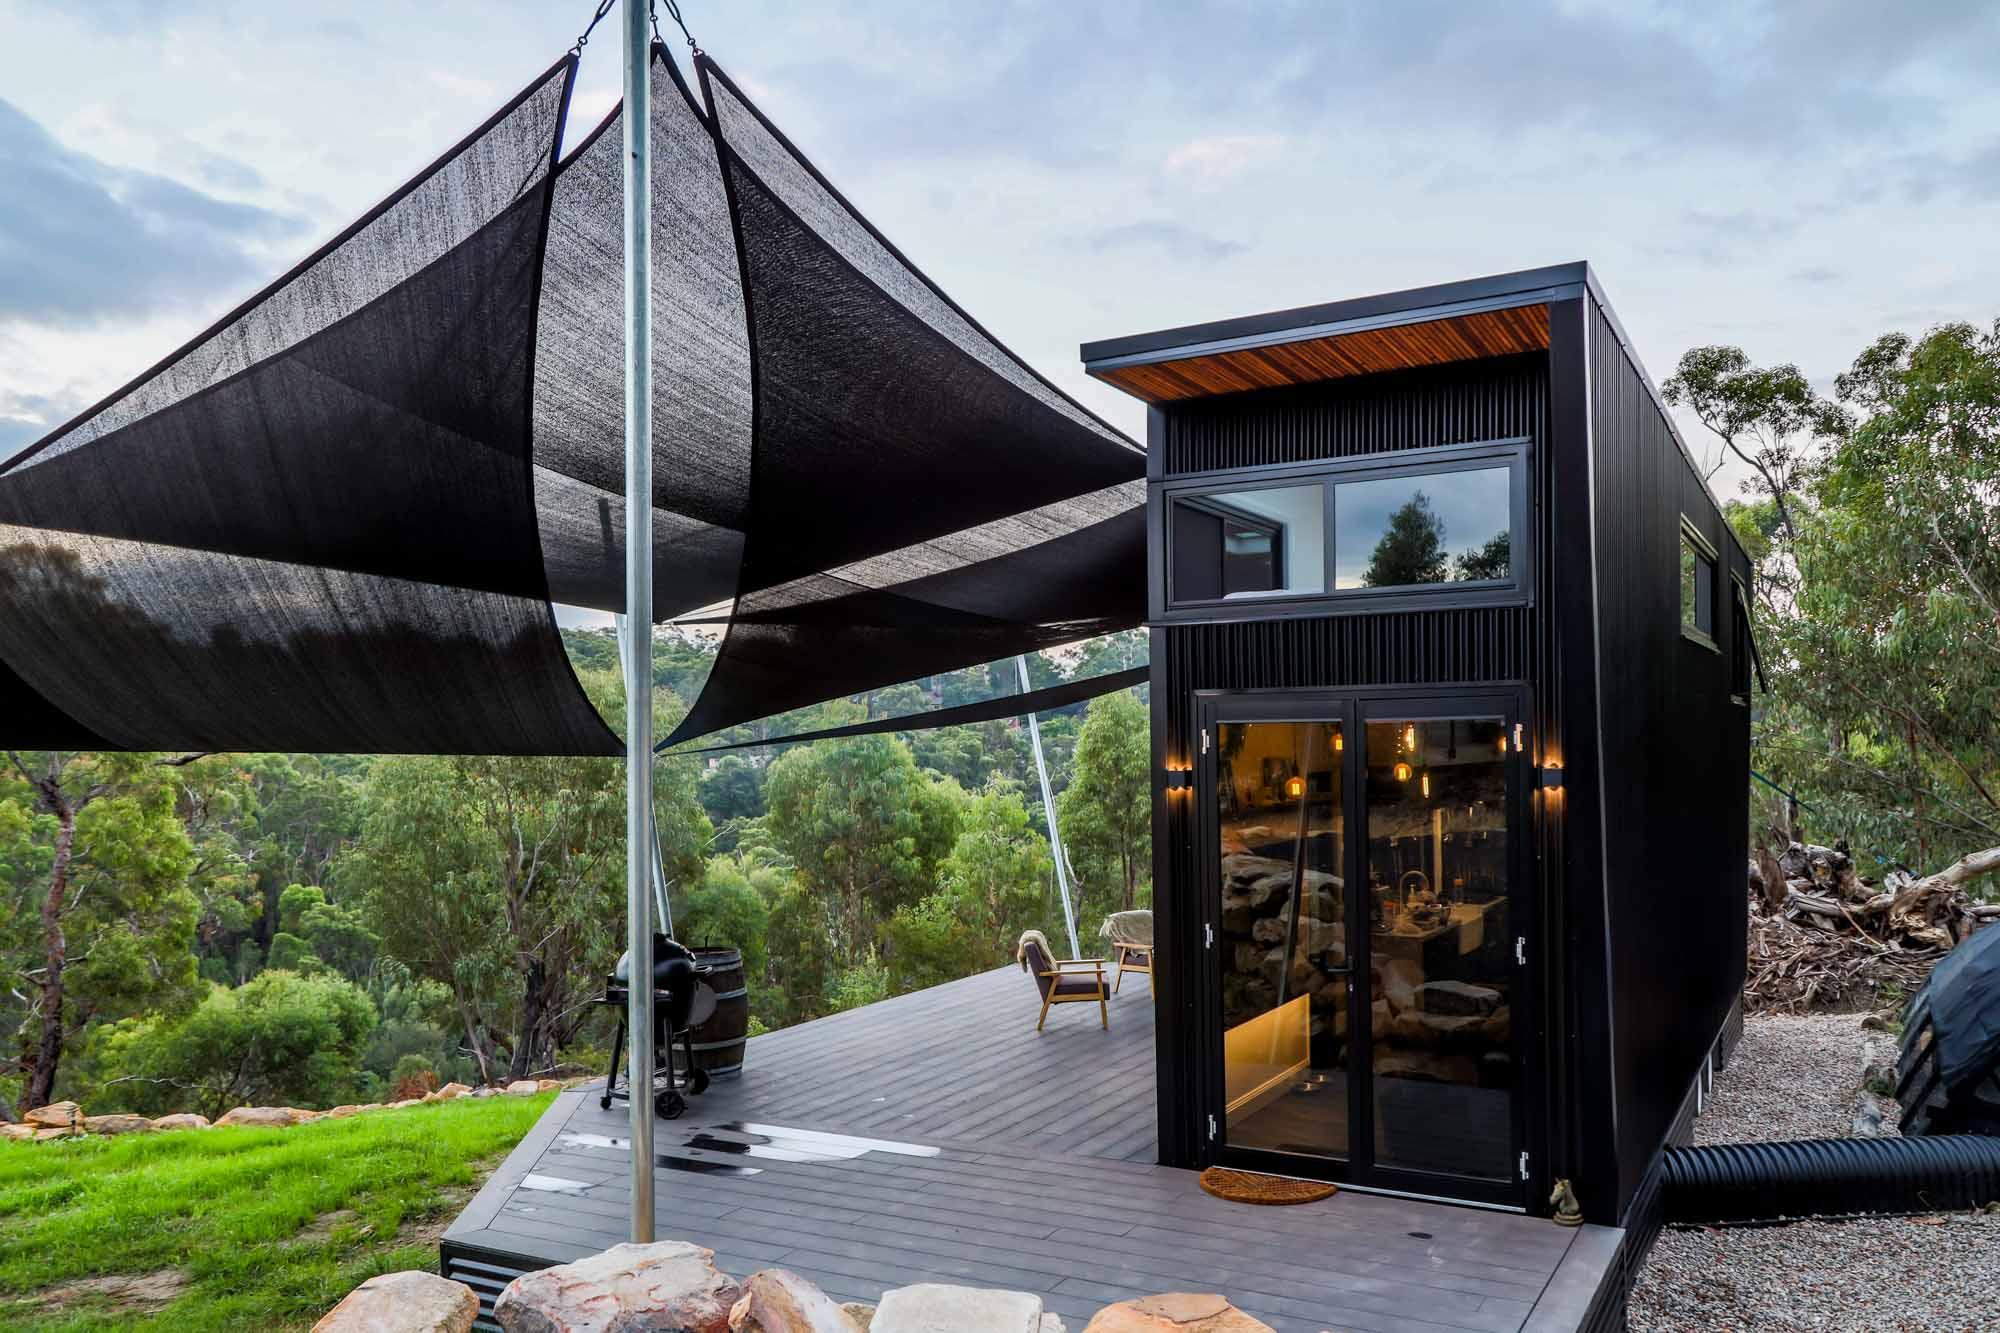 Dom mobilny, tiny house